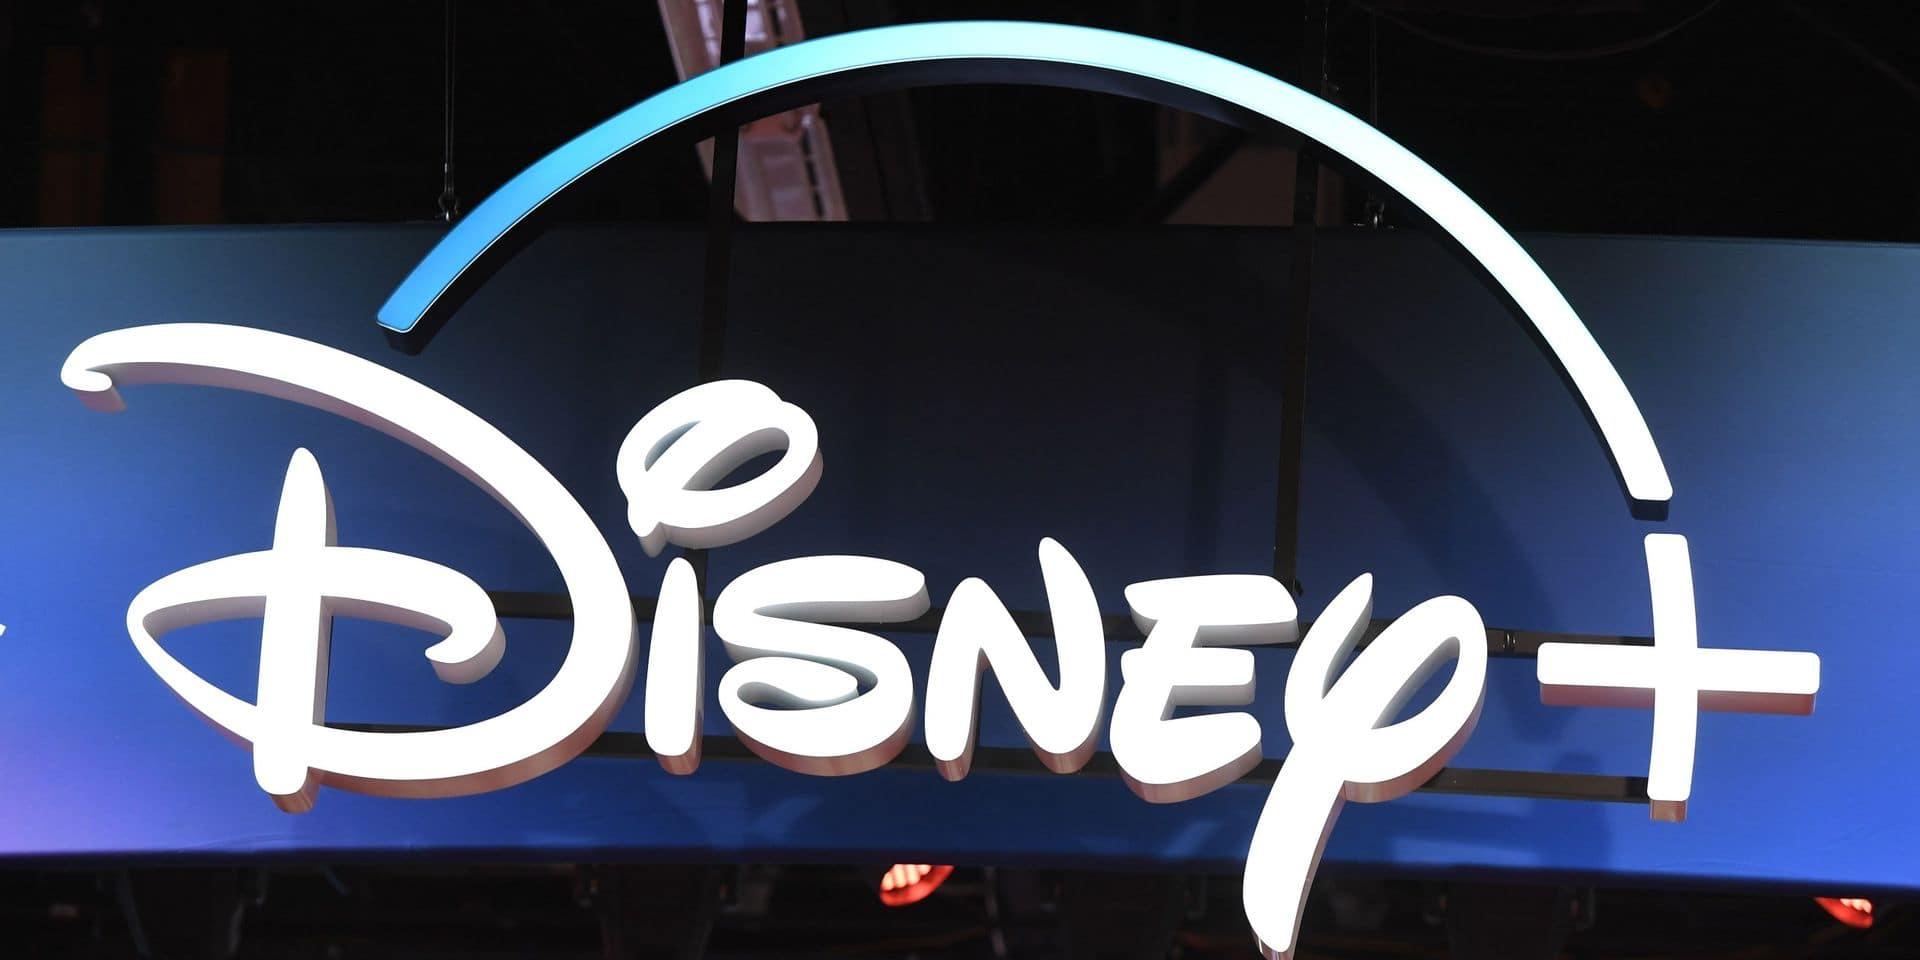 Proximus continue sa frappe commerciale et confirme l'accord en exclusivité avec Disney+